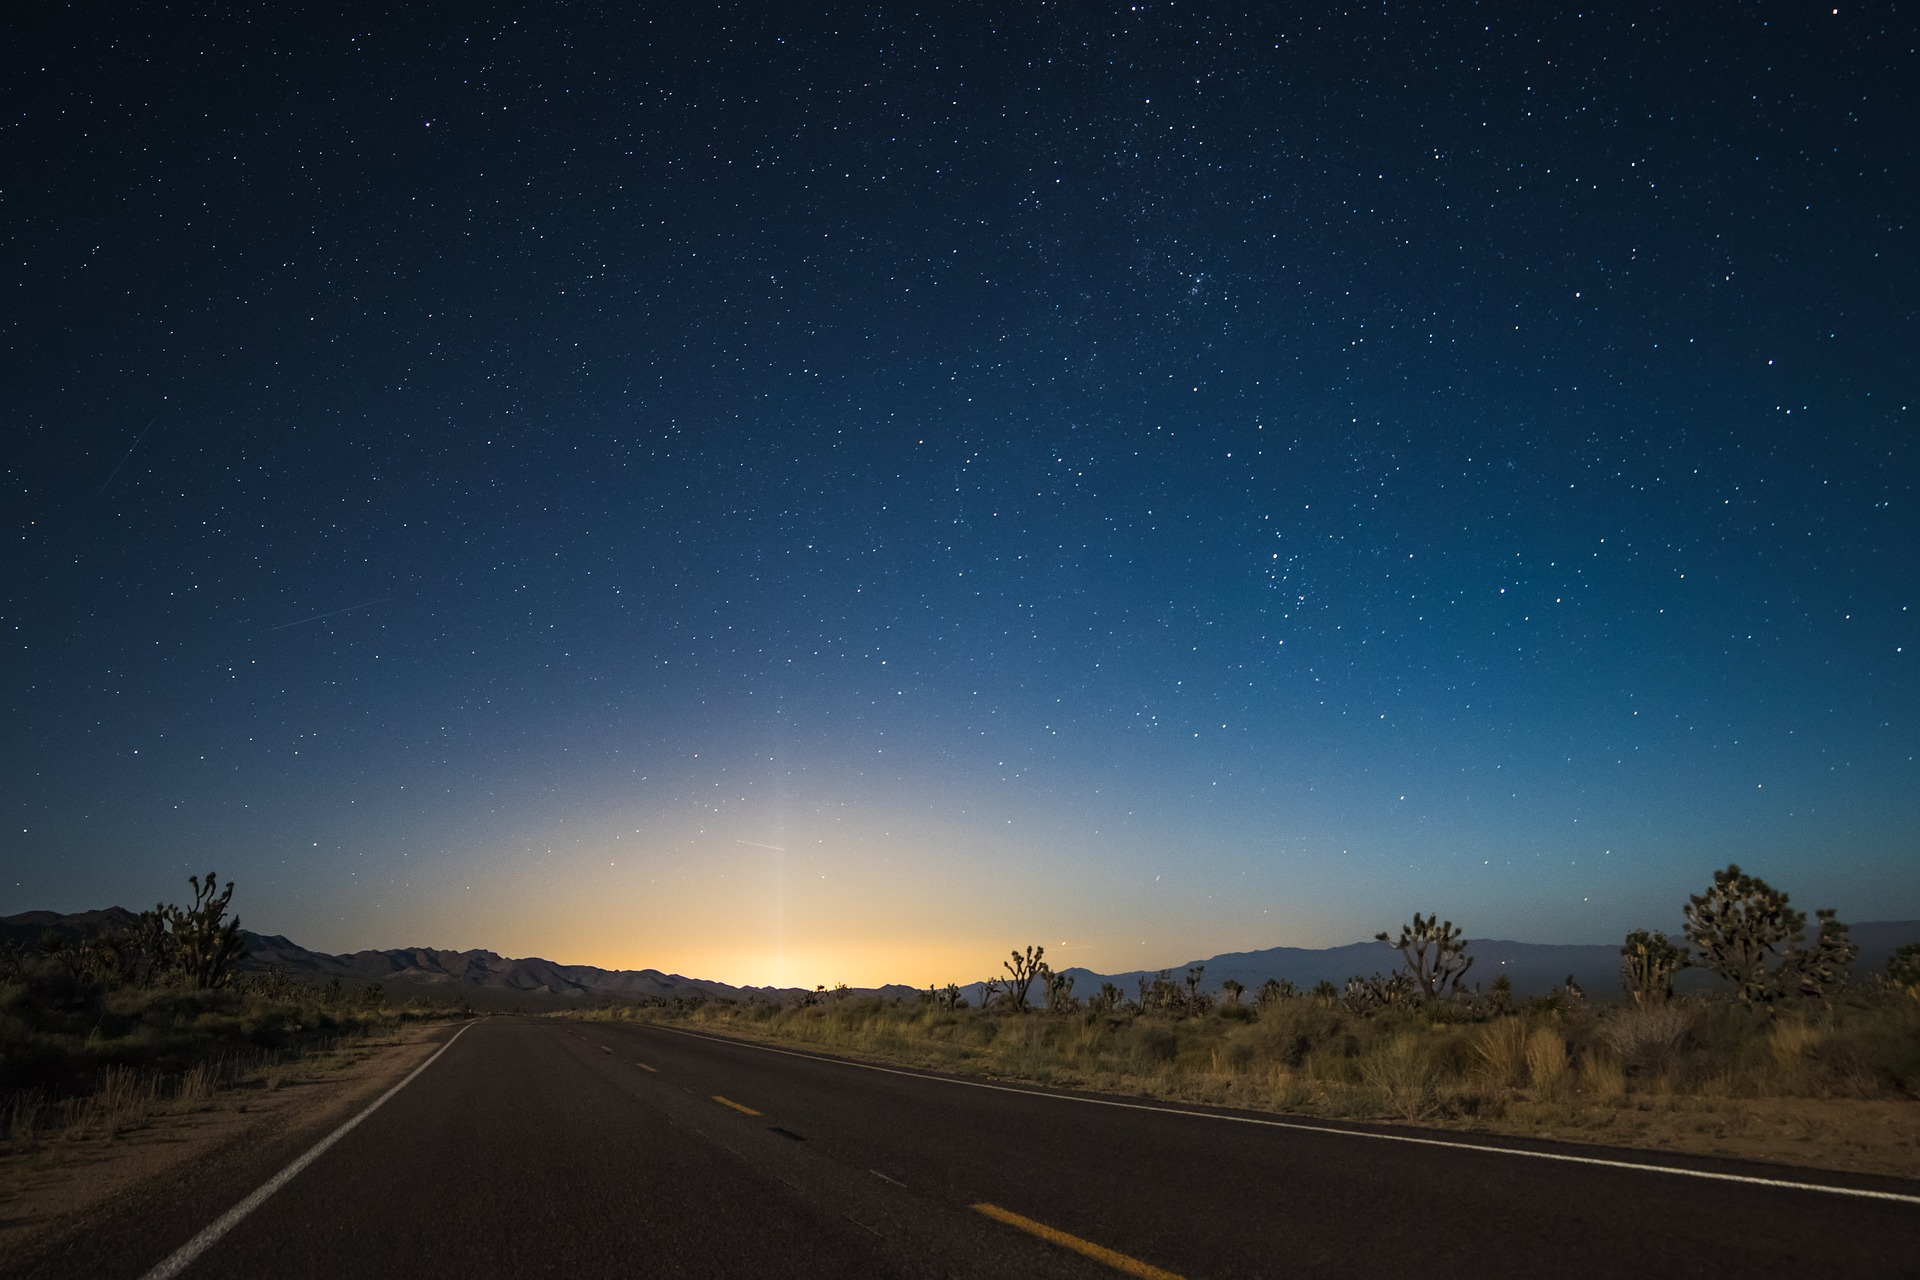 Early morning sunrise along desert road.